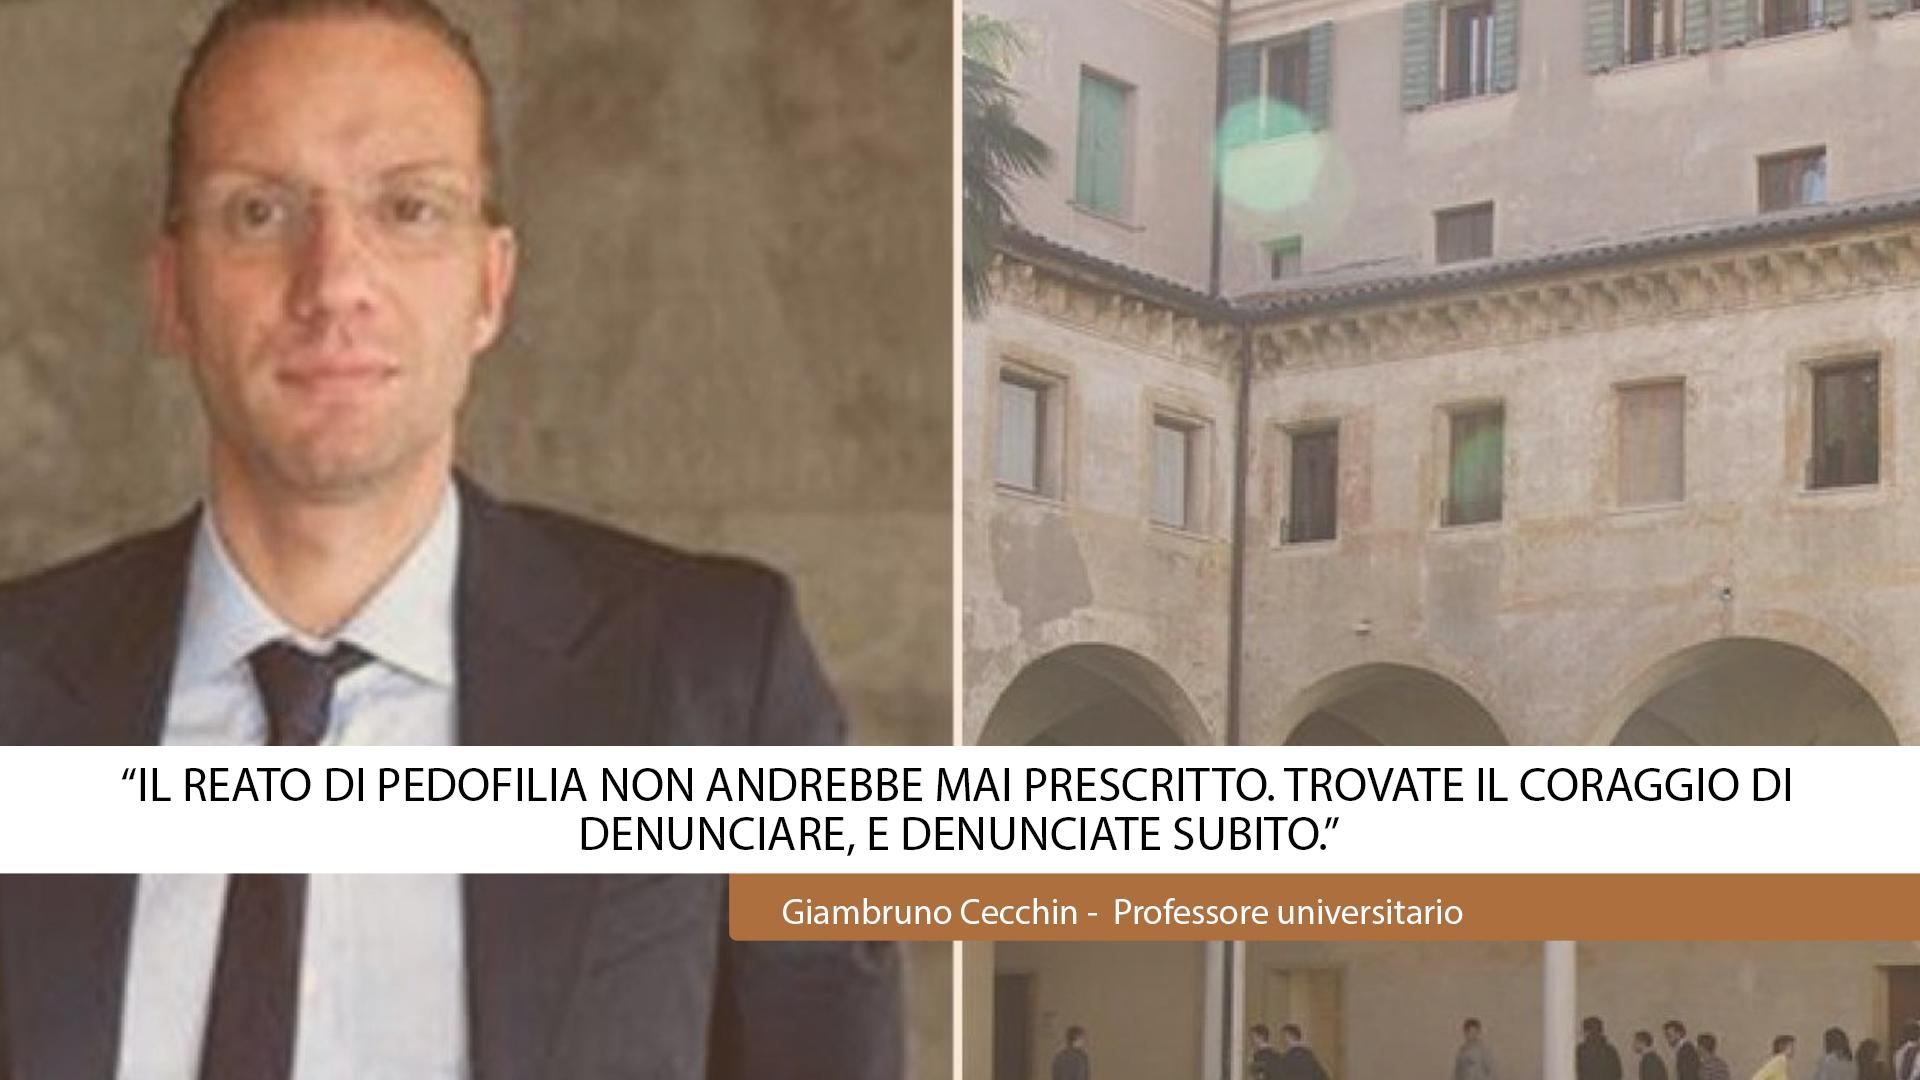 """""""TROVATE IL CORAGGIO DI DENUNCIARE, E DENUNCIATE SUBITO."""""""